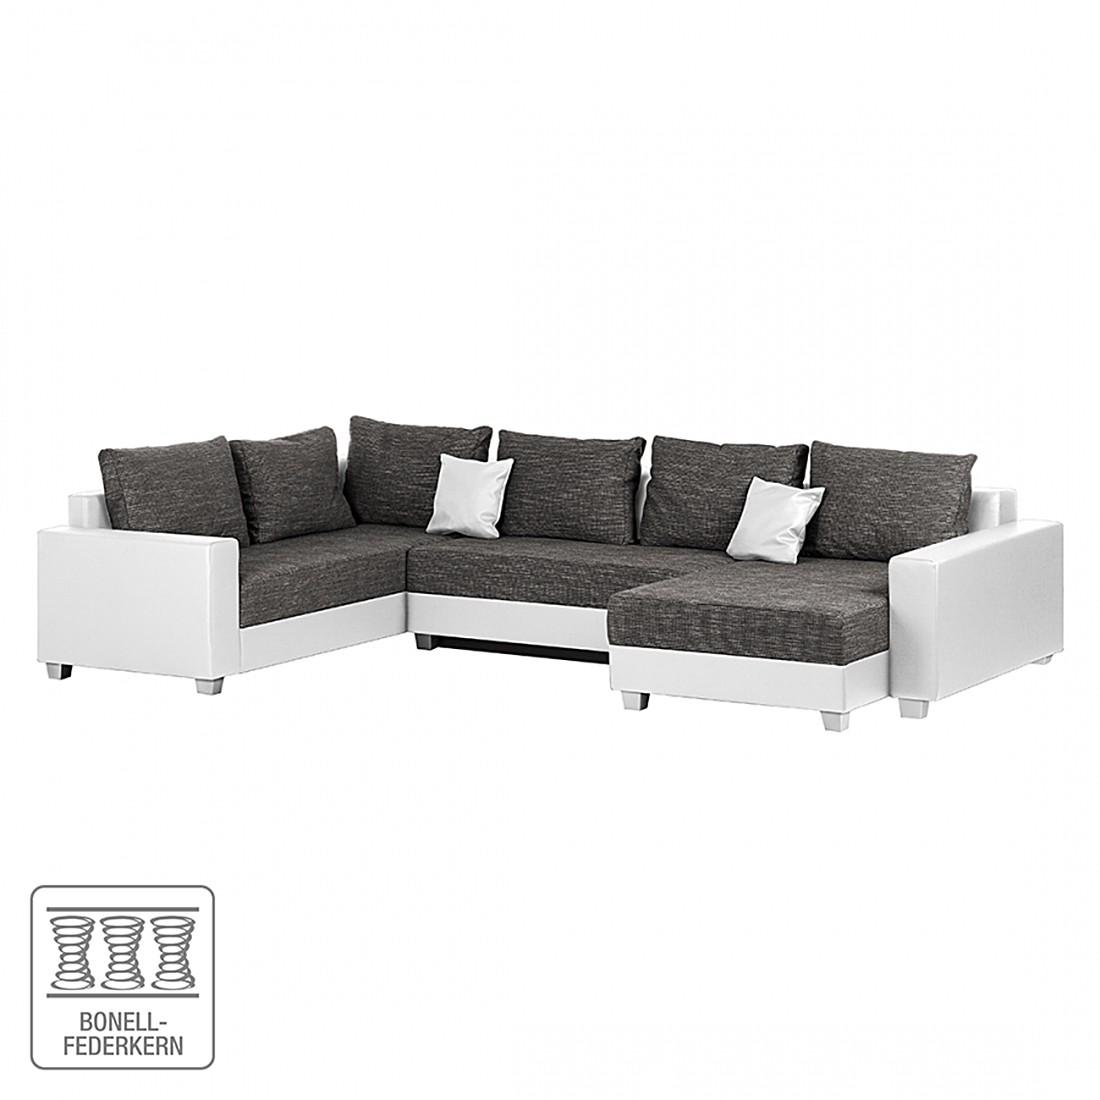 wohnlandschaft mit schlaffunktion preisvergleiche. Black Bedroom Furniture Sets. Home Design Ideas